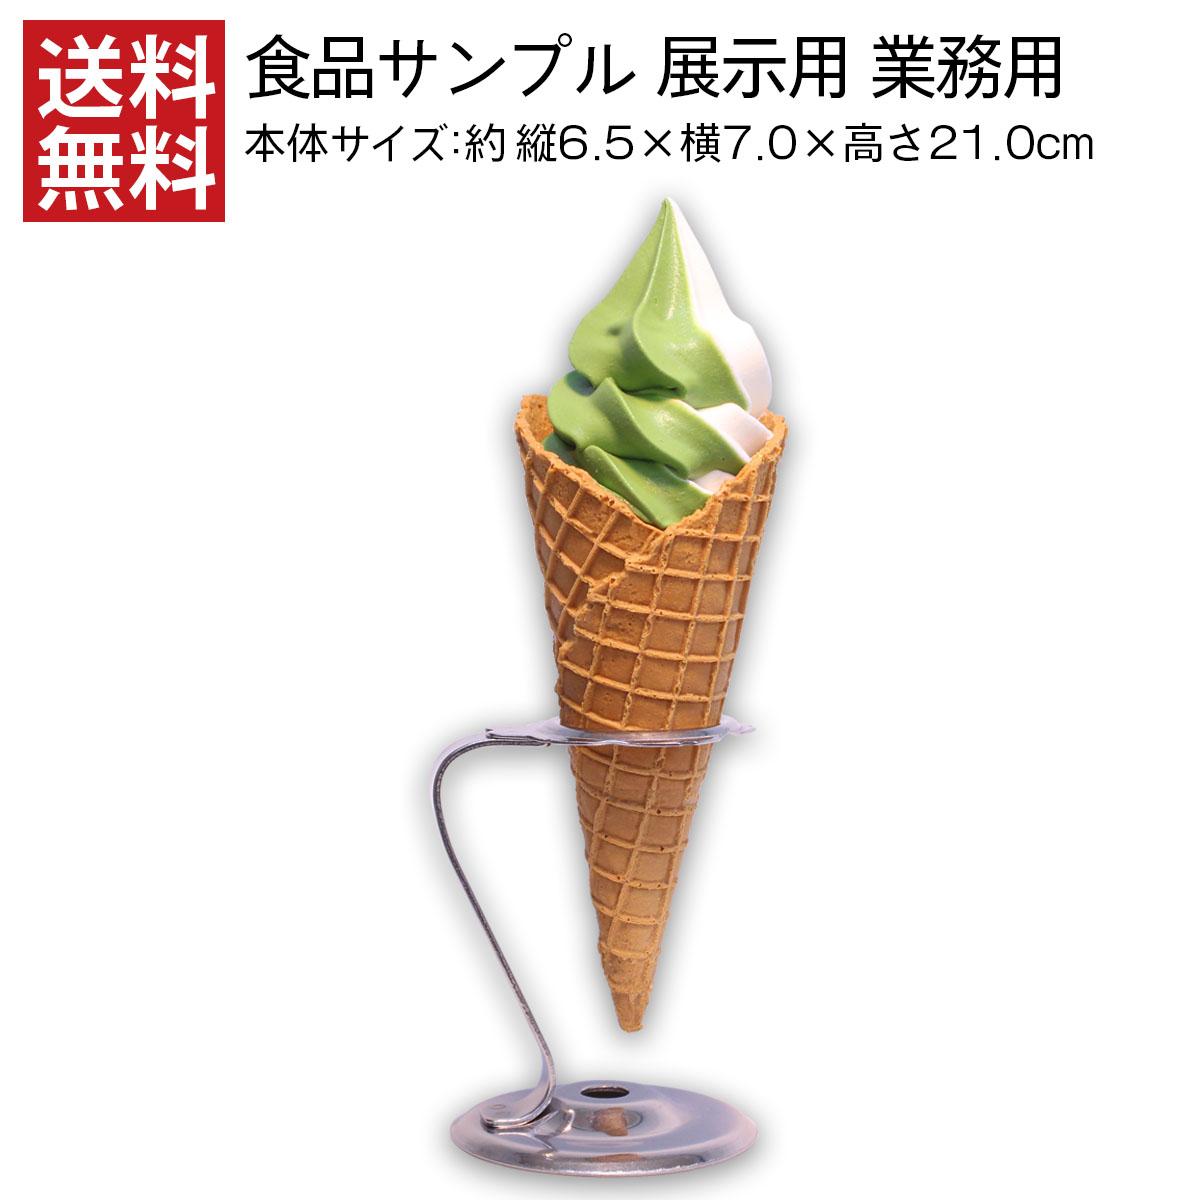 【送料無料】食品サンプル 展示用 抹茶ミックスソフトMサイズ スタンド付 ワッフルコーン インテリア オブジェ 店頭用ディスプレイ ソフトクリーム アイスクリーム